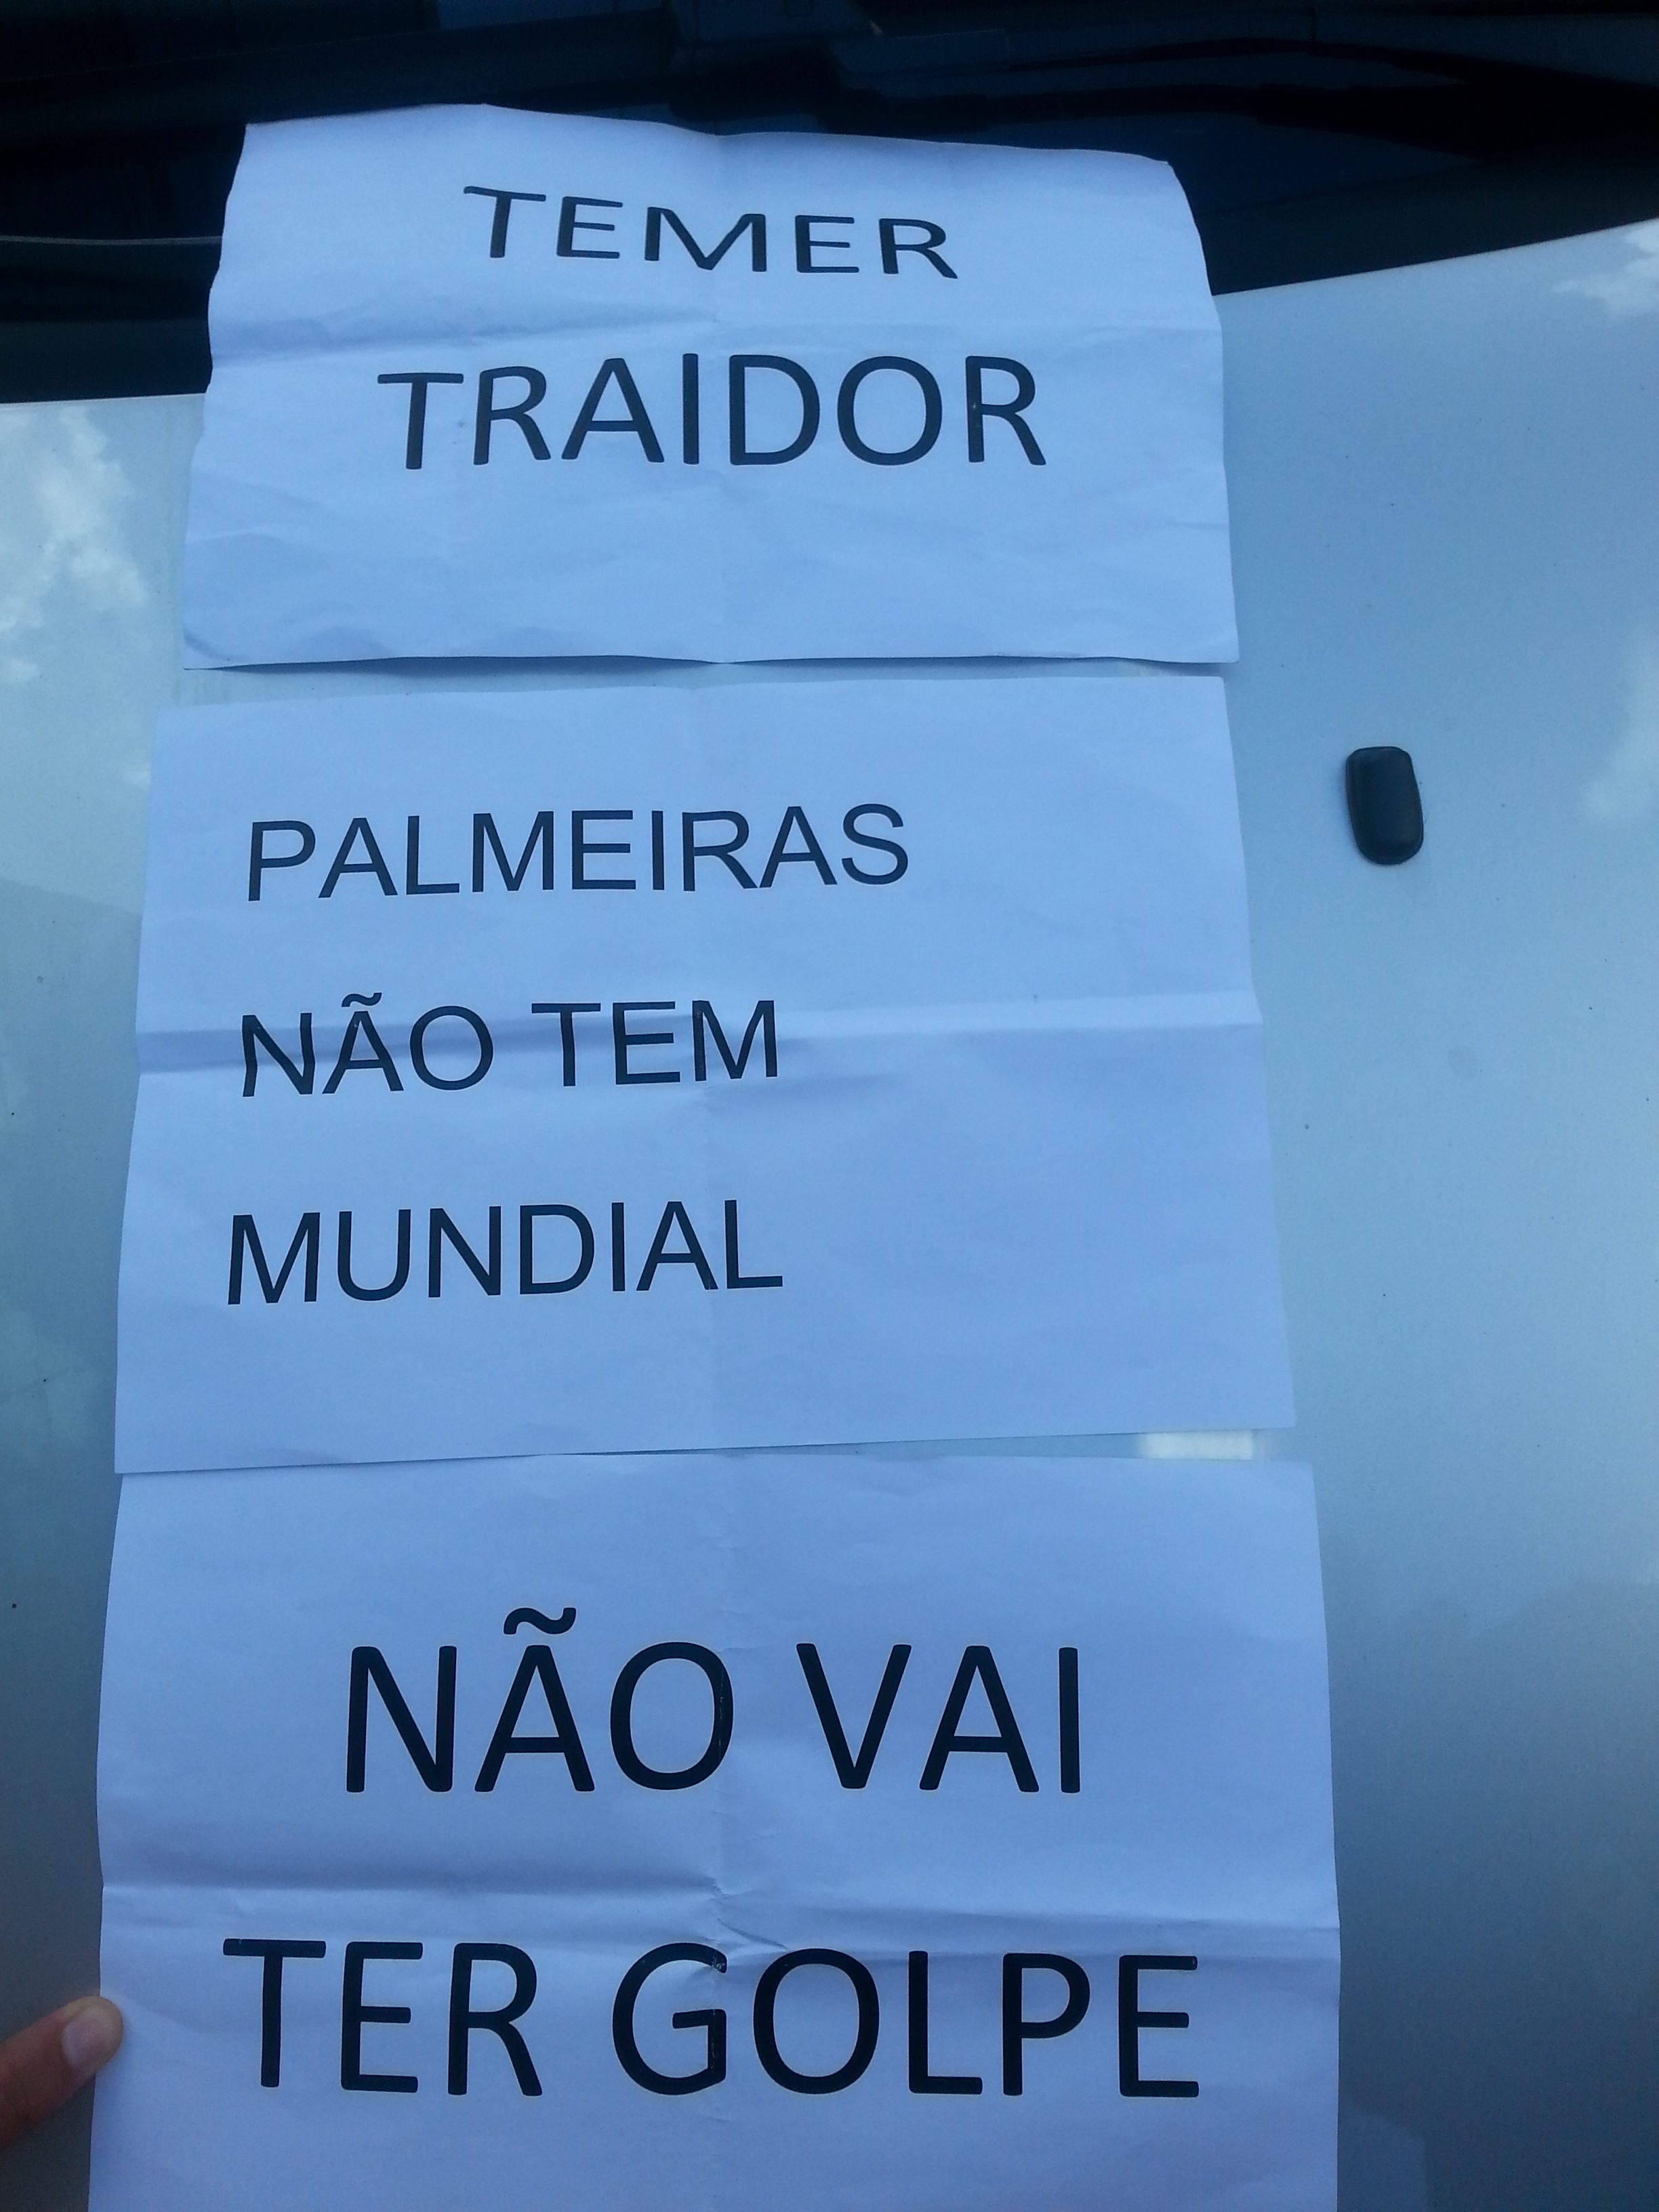 Palmeiras sem mundial - 2 part 8